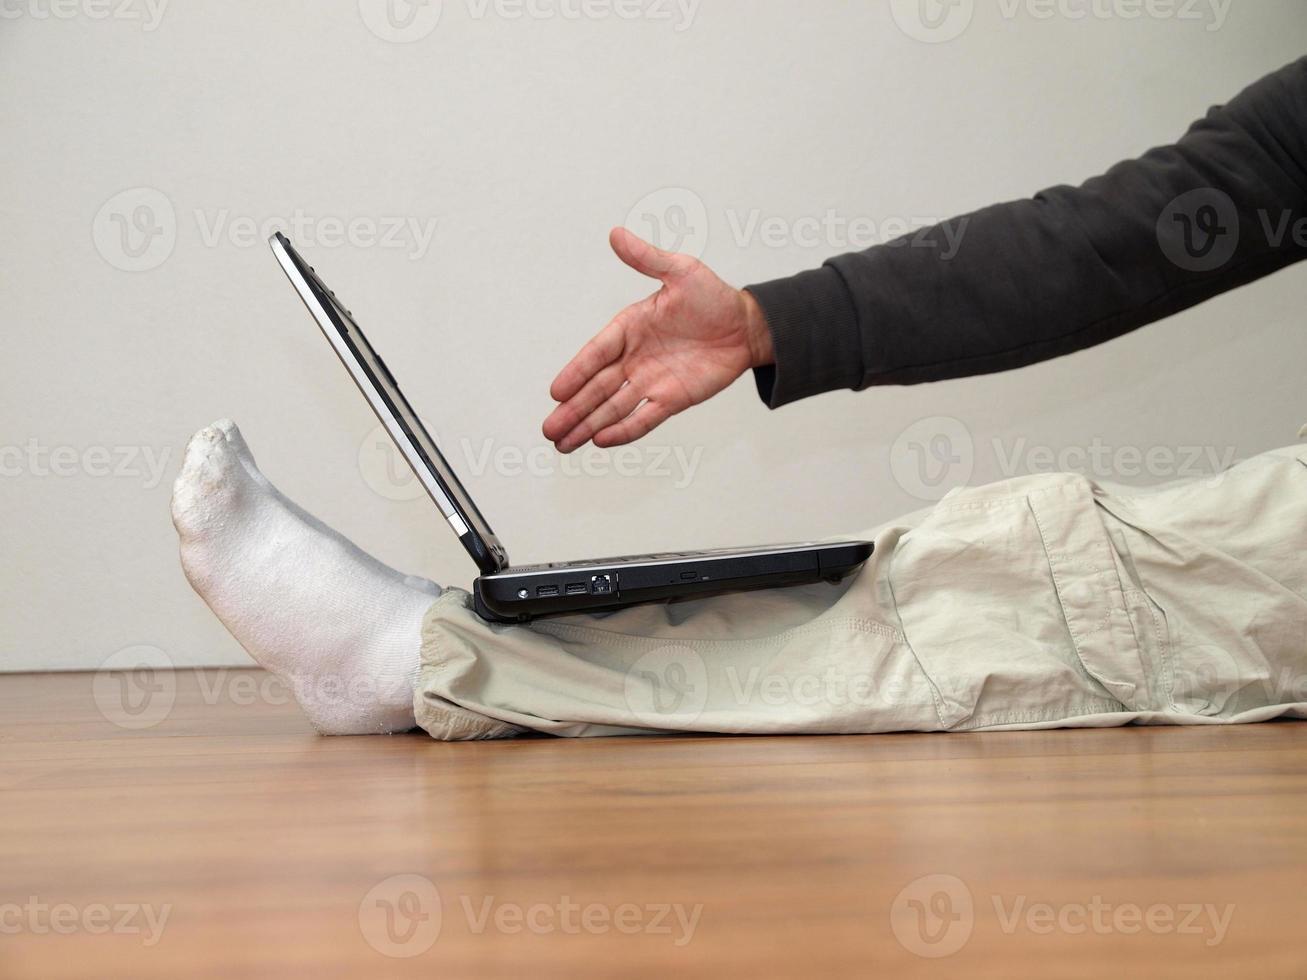 Mann schüttelt Hand mit Laptop. foto